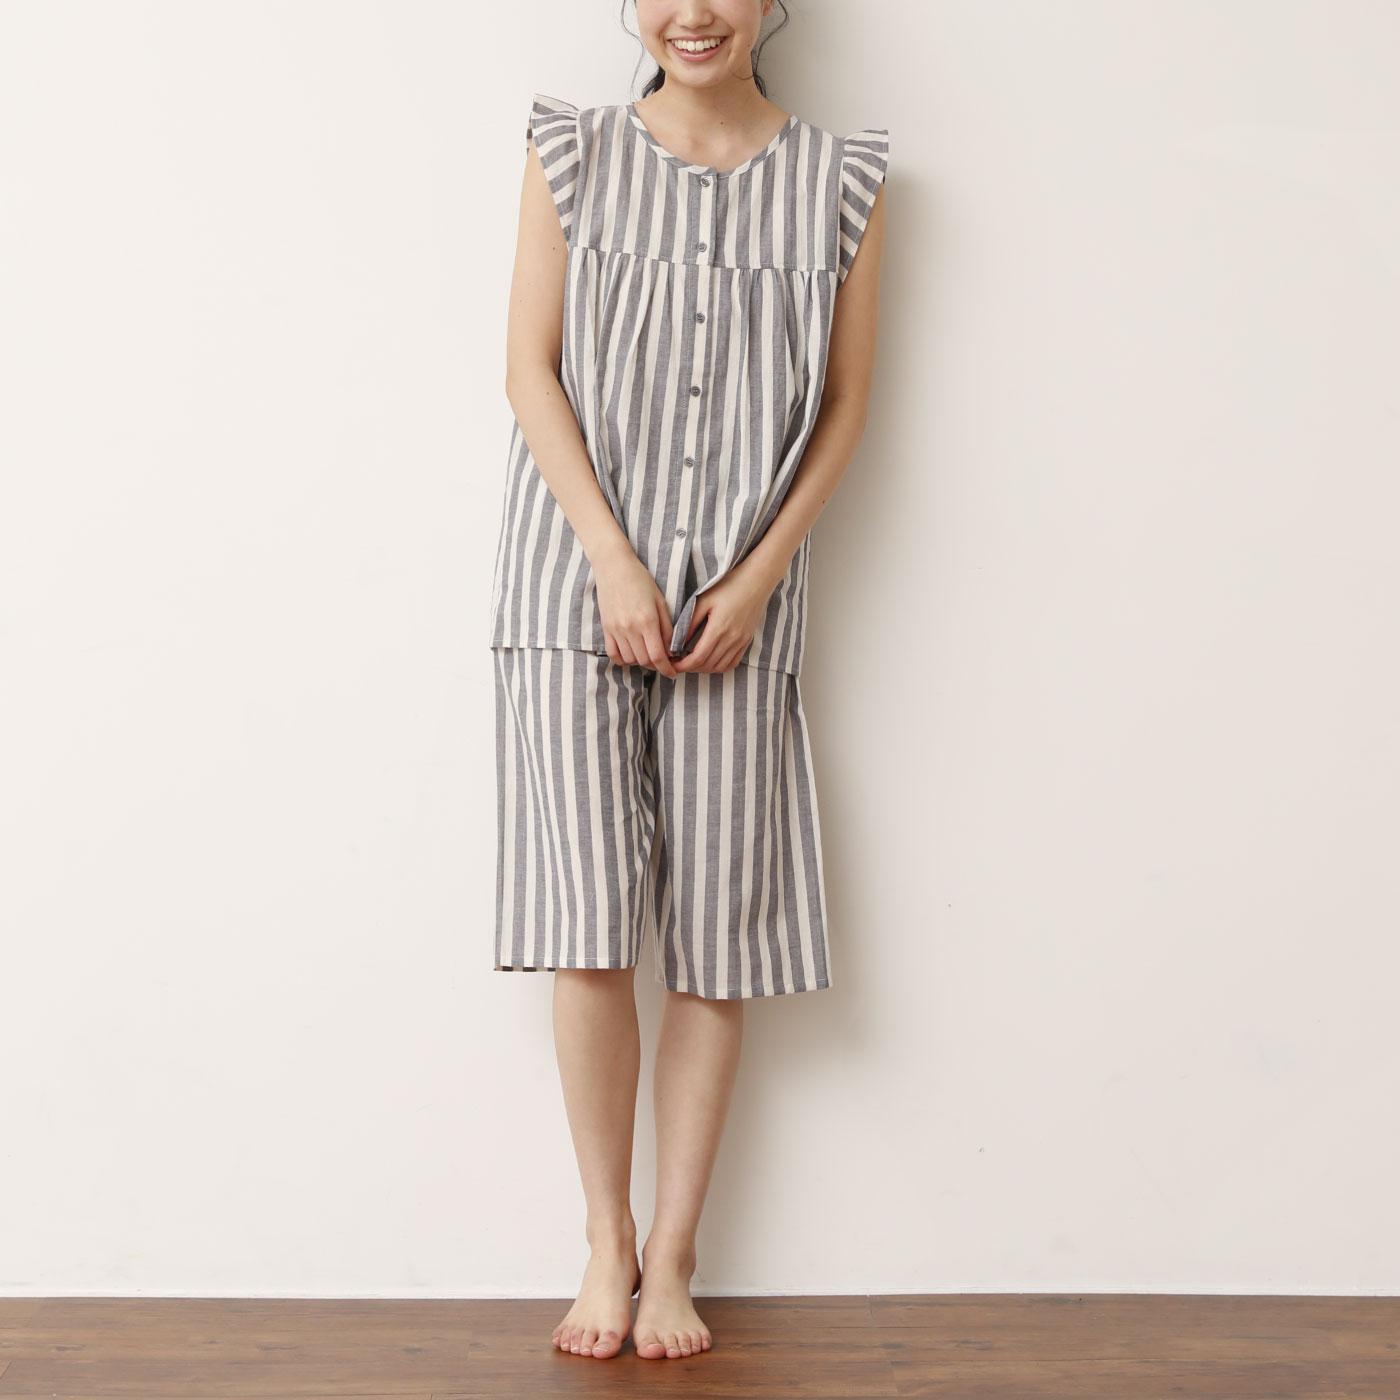 フリル袖がさりげにかわいい 夏の快眠ノースリーブパジャマ